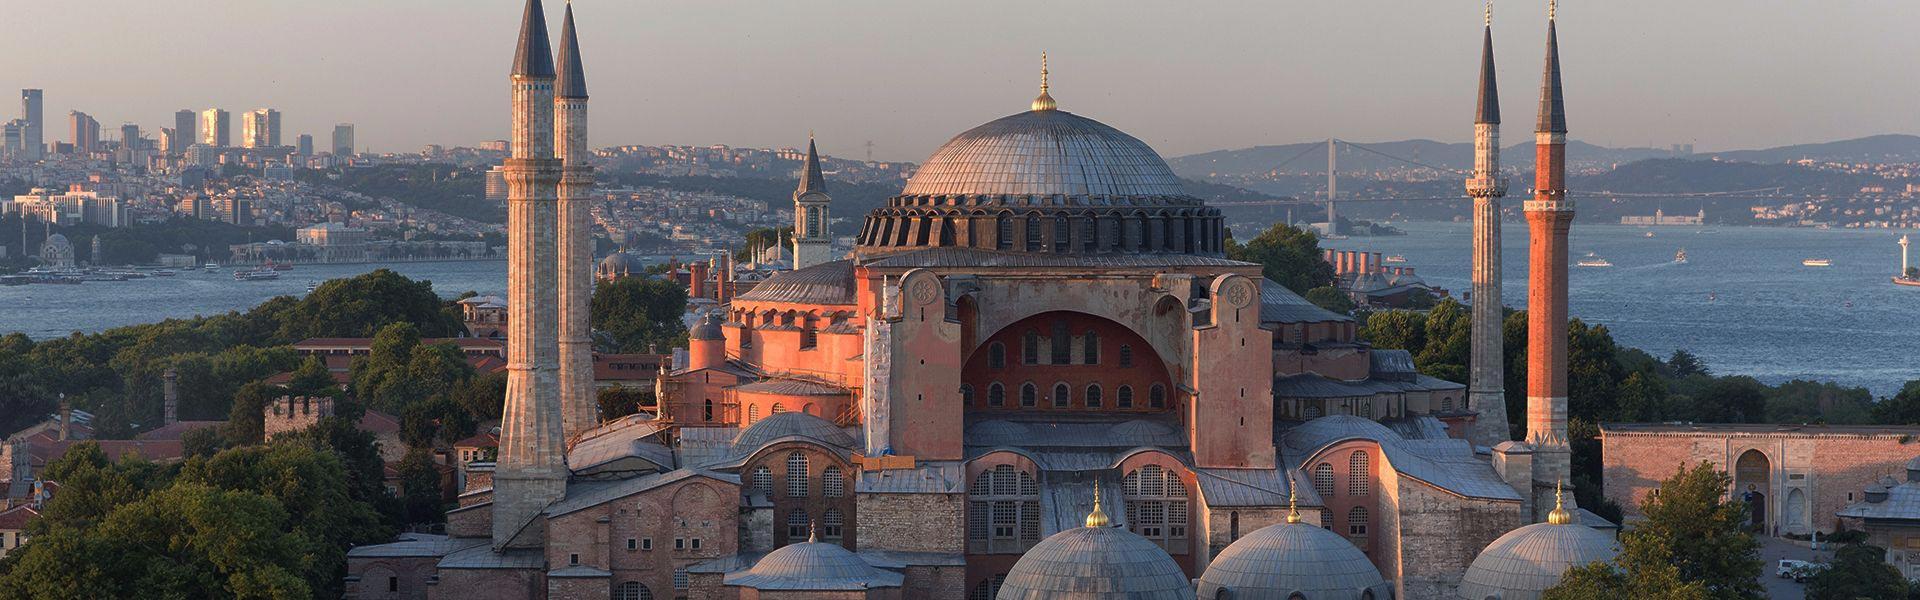 تاریخچه مسجد ایاصوفیه